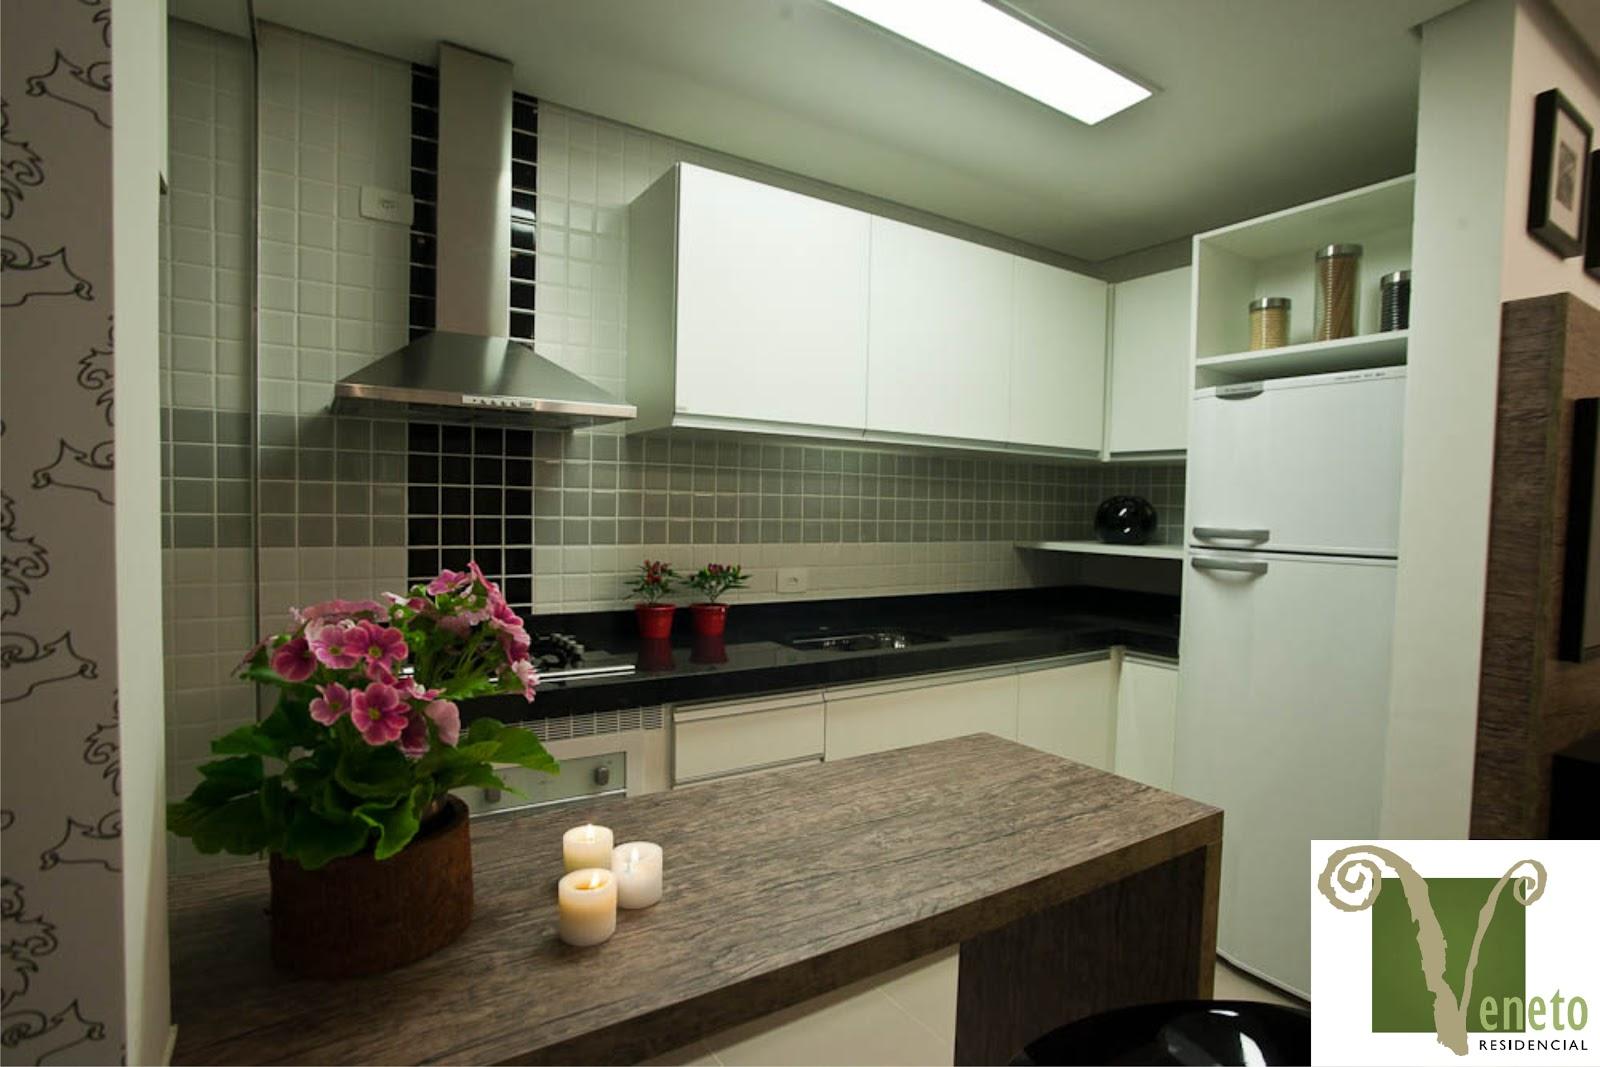 Keyla Kinder Arquitetura Interiores Design: Apartamento Decorado #884353 1600 1067